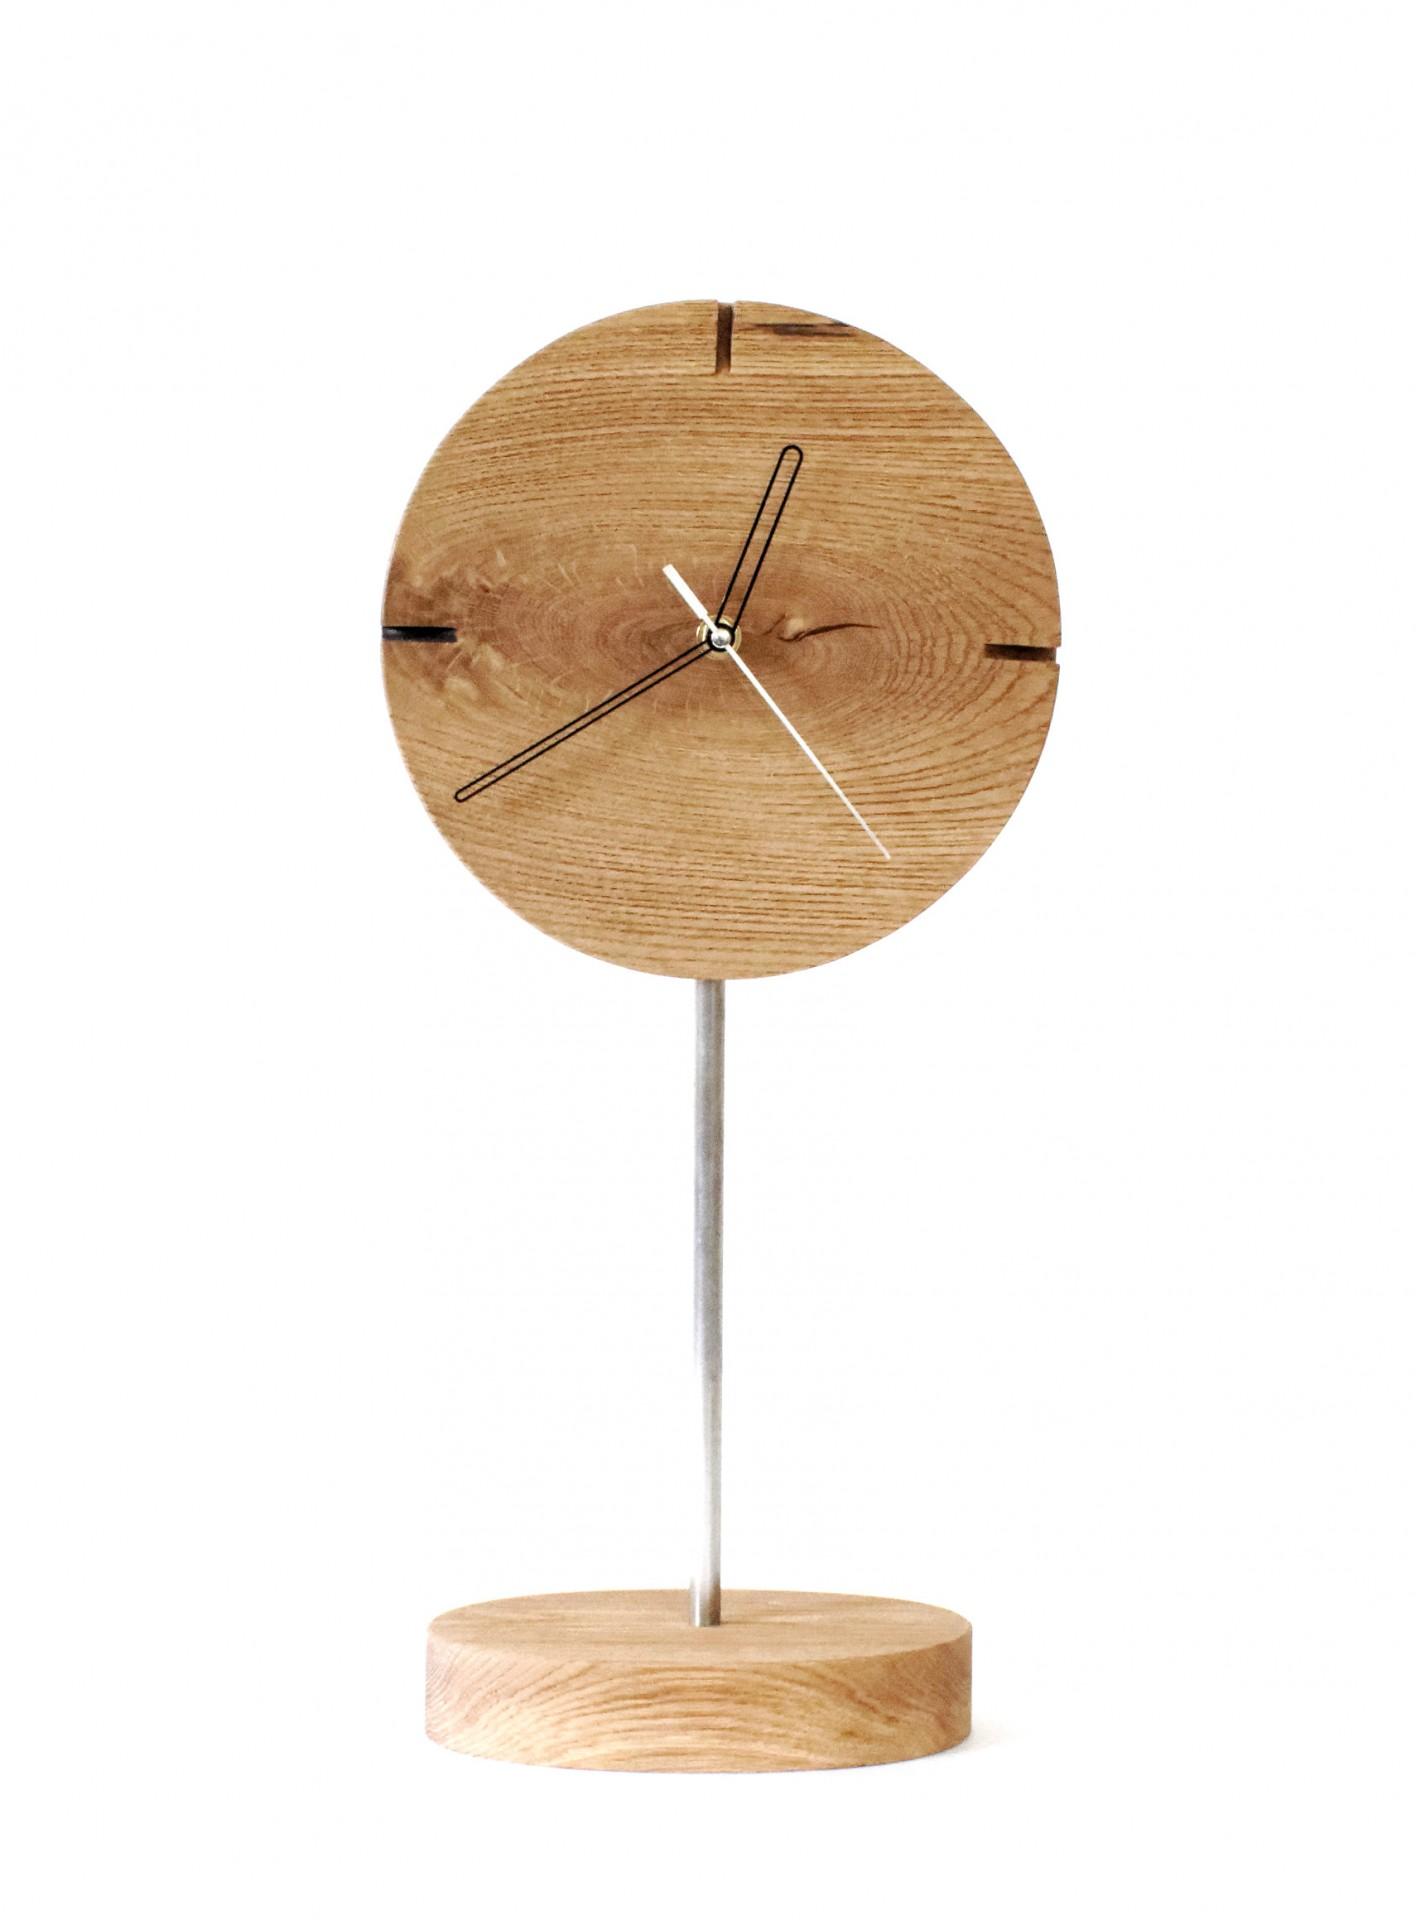 Zegar dębowy.  Zegar stojący. Cichy płynący mechanizm, prezent, wykonany ręcznie